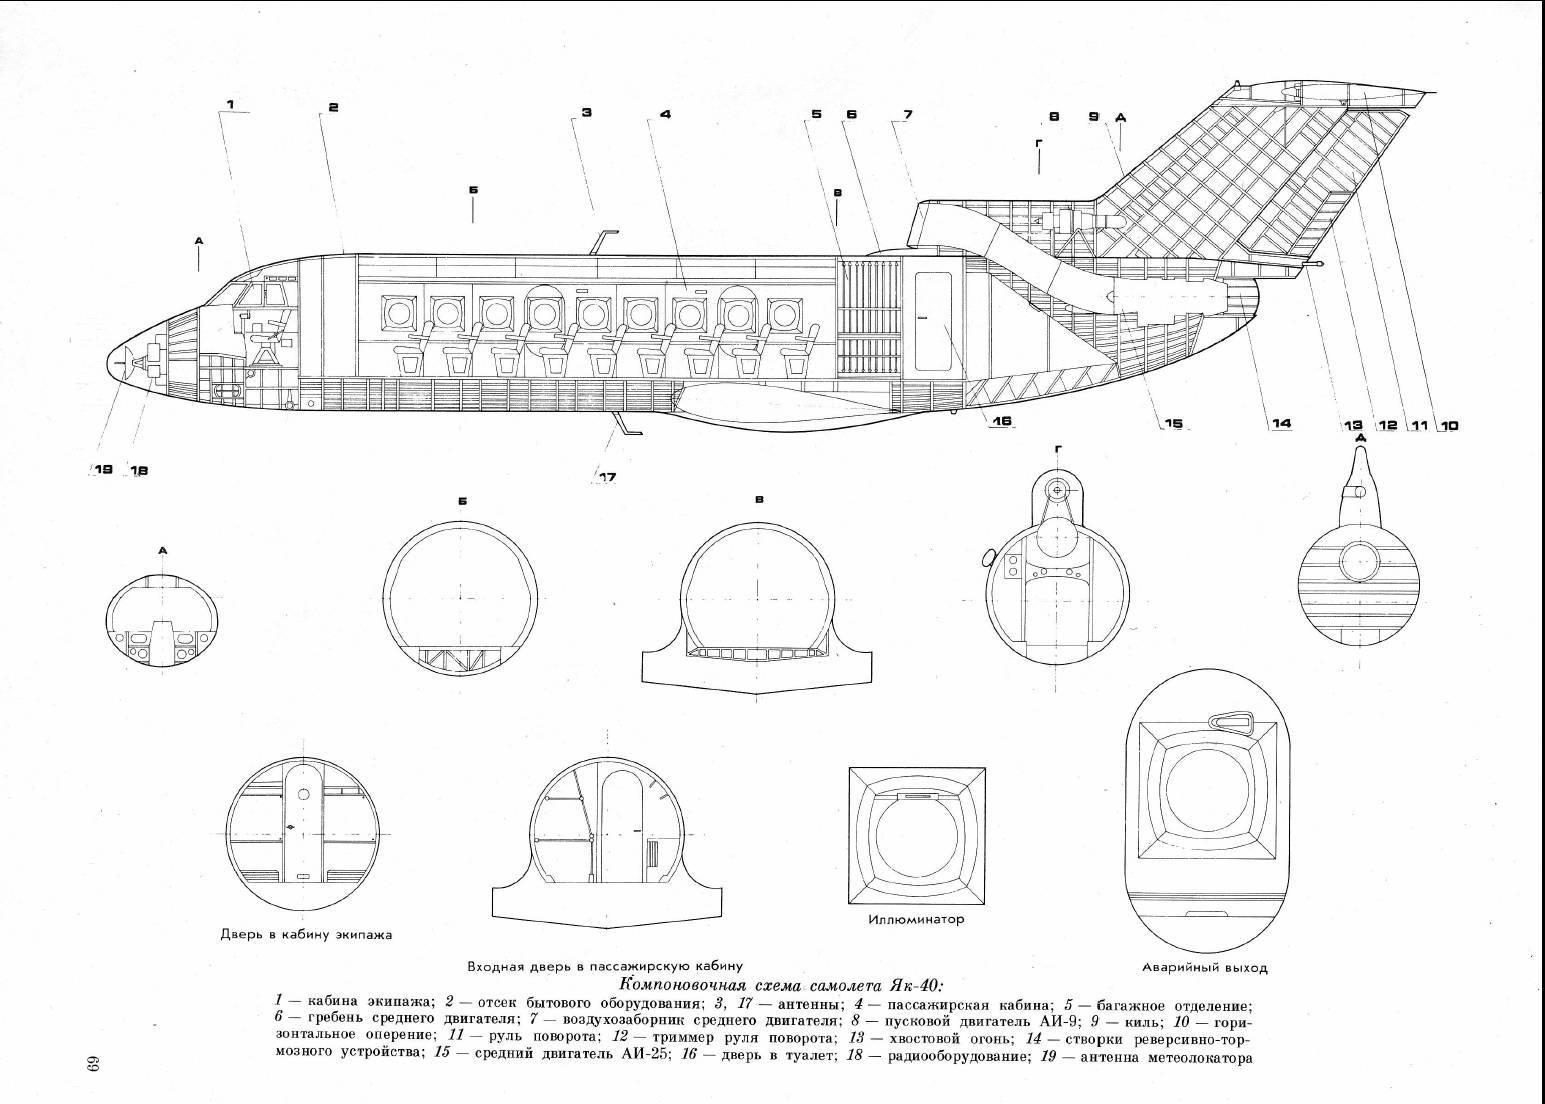 Схема салона самолета як-40